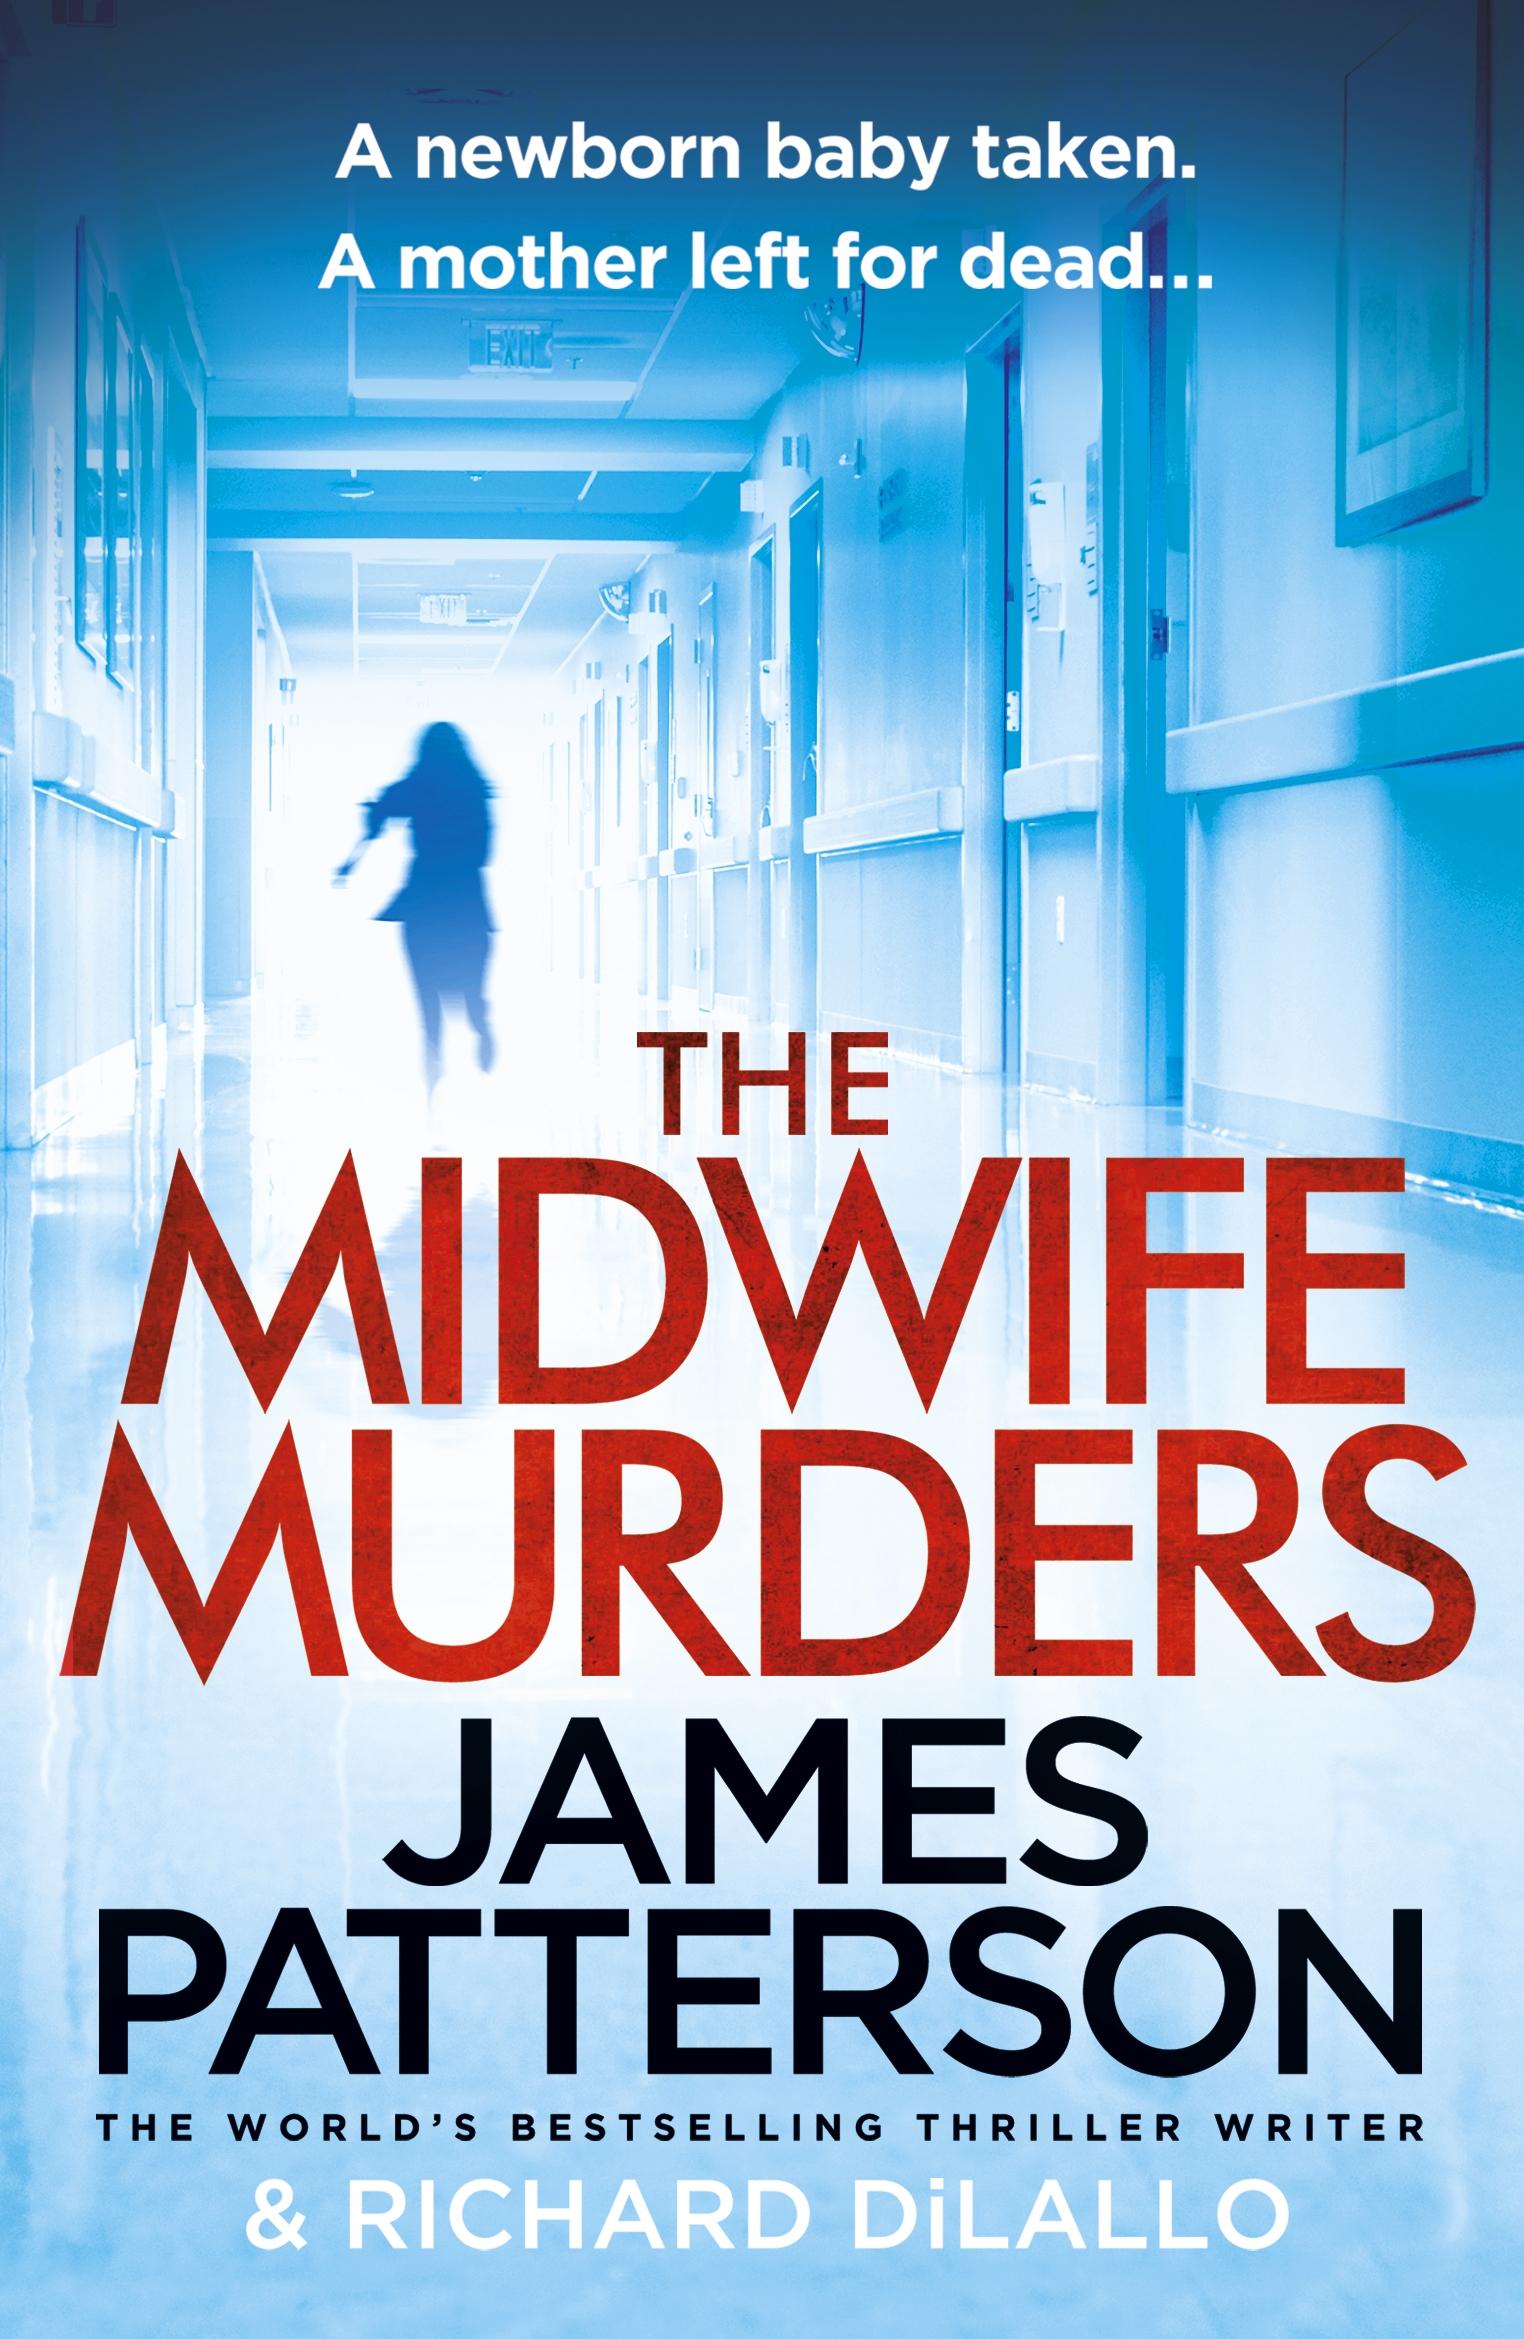 Midwife Murders - 9781787461994